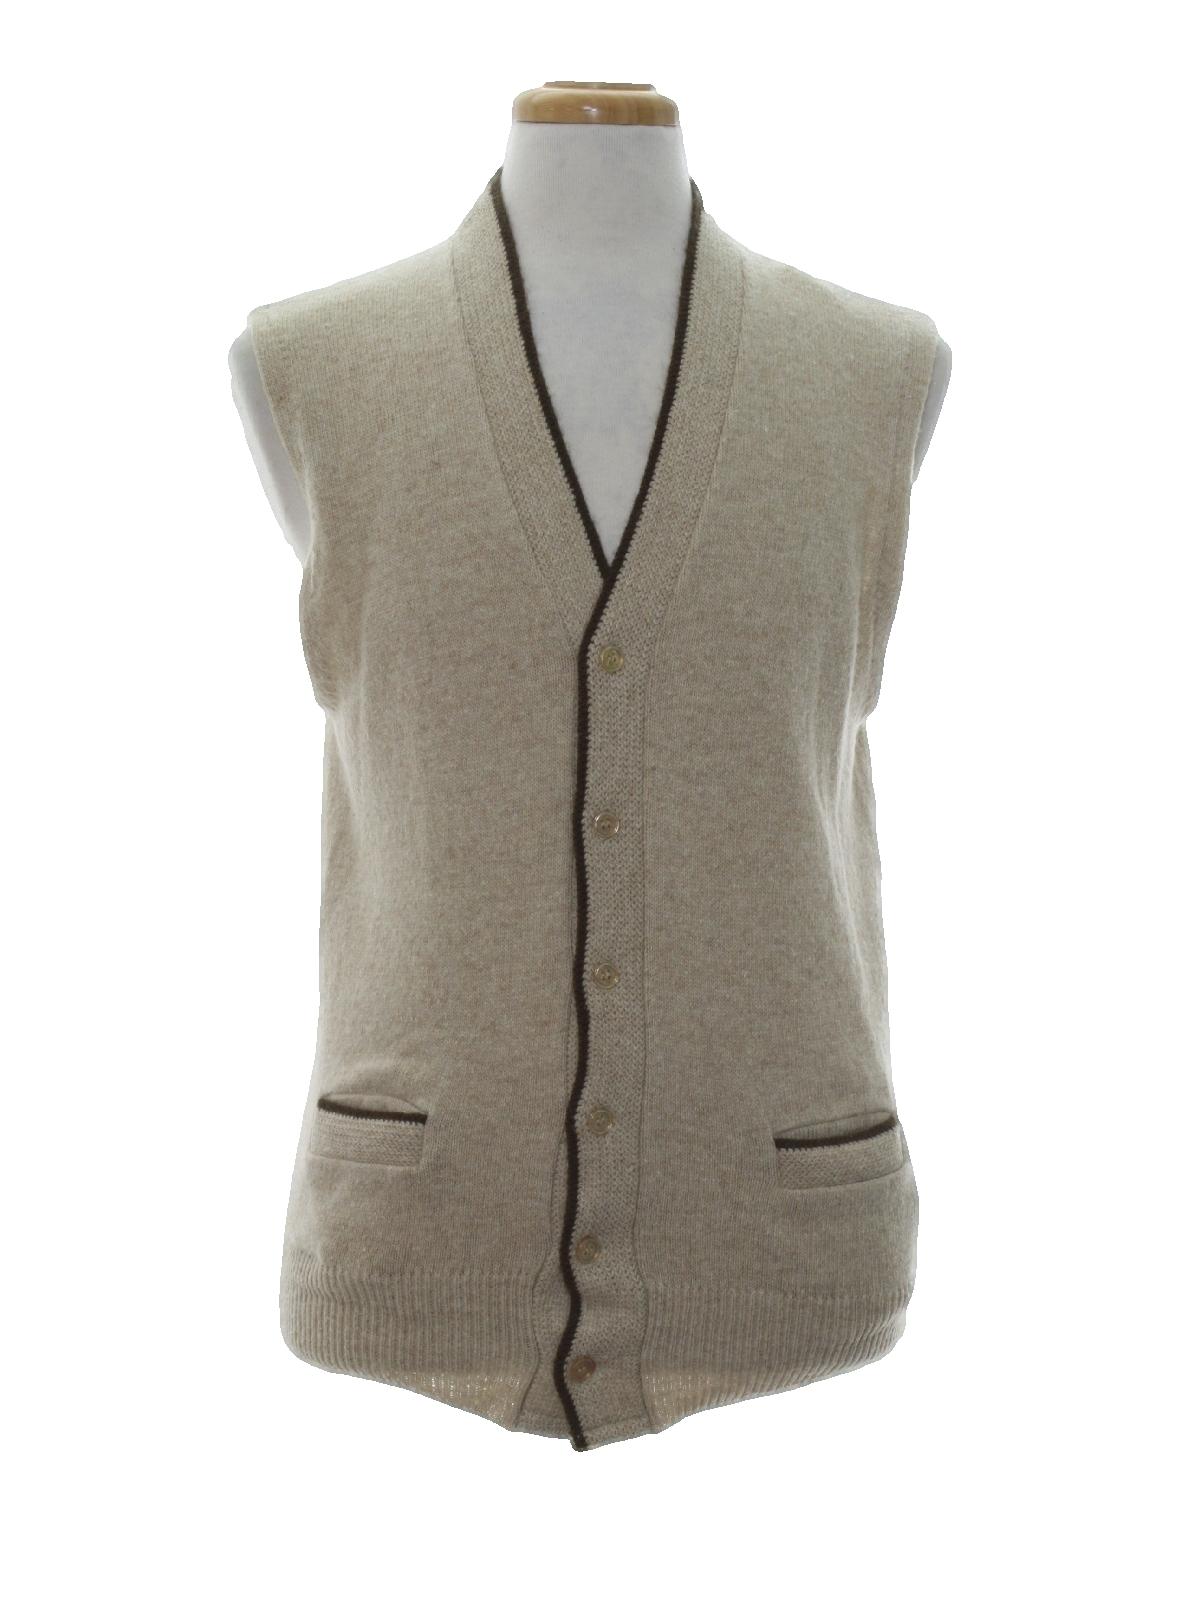 Retro 60's Sweater: 60s -Sears Mens Sportswear- Mens heather beige ...